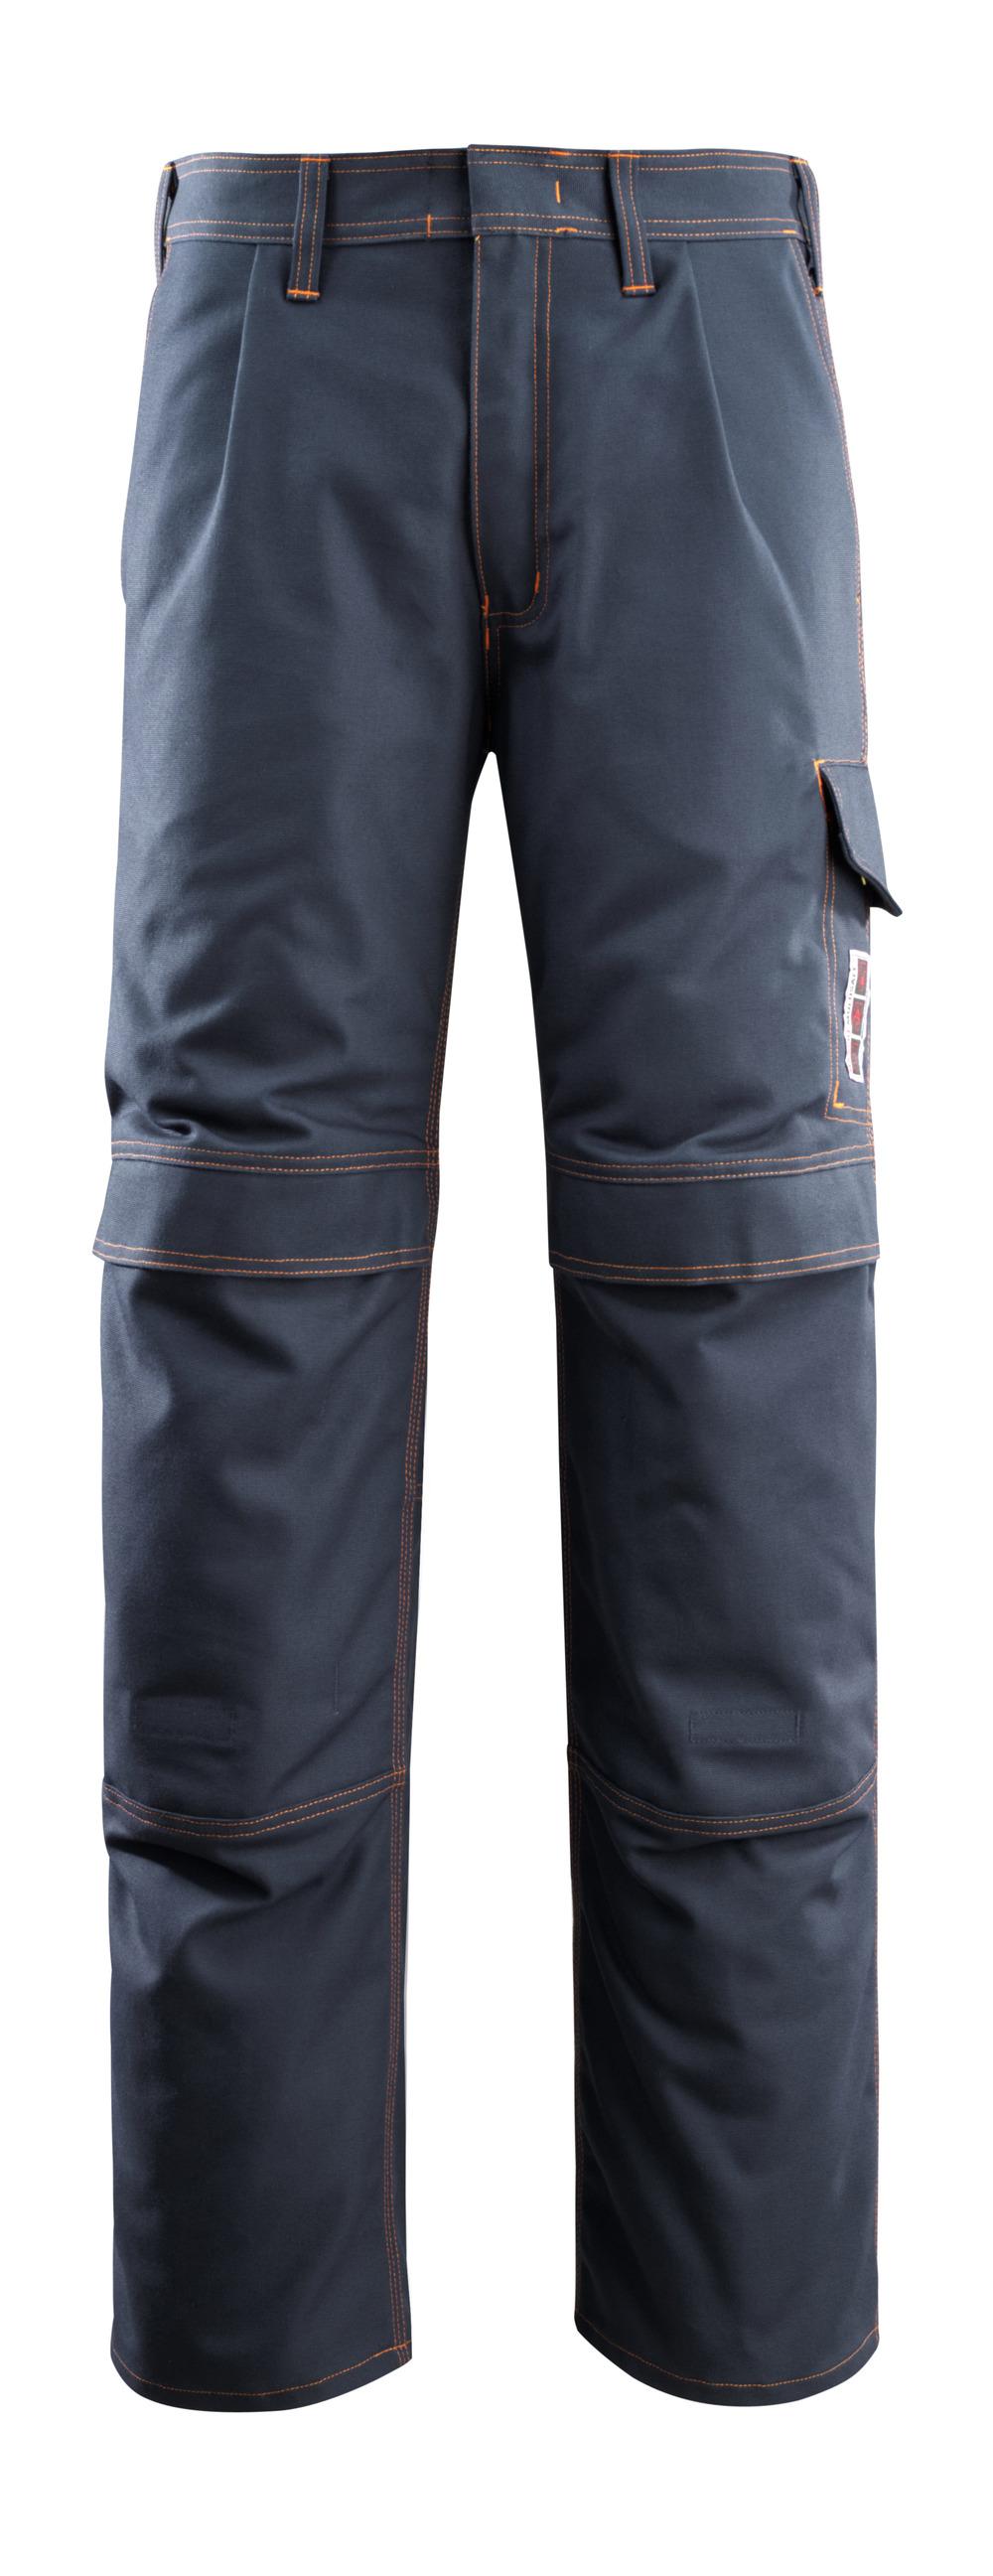 06679-135-010 Pantalones con bolsillos para rodilleras - azul marino oscuro